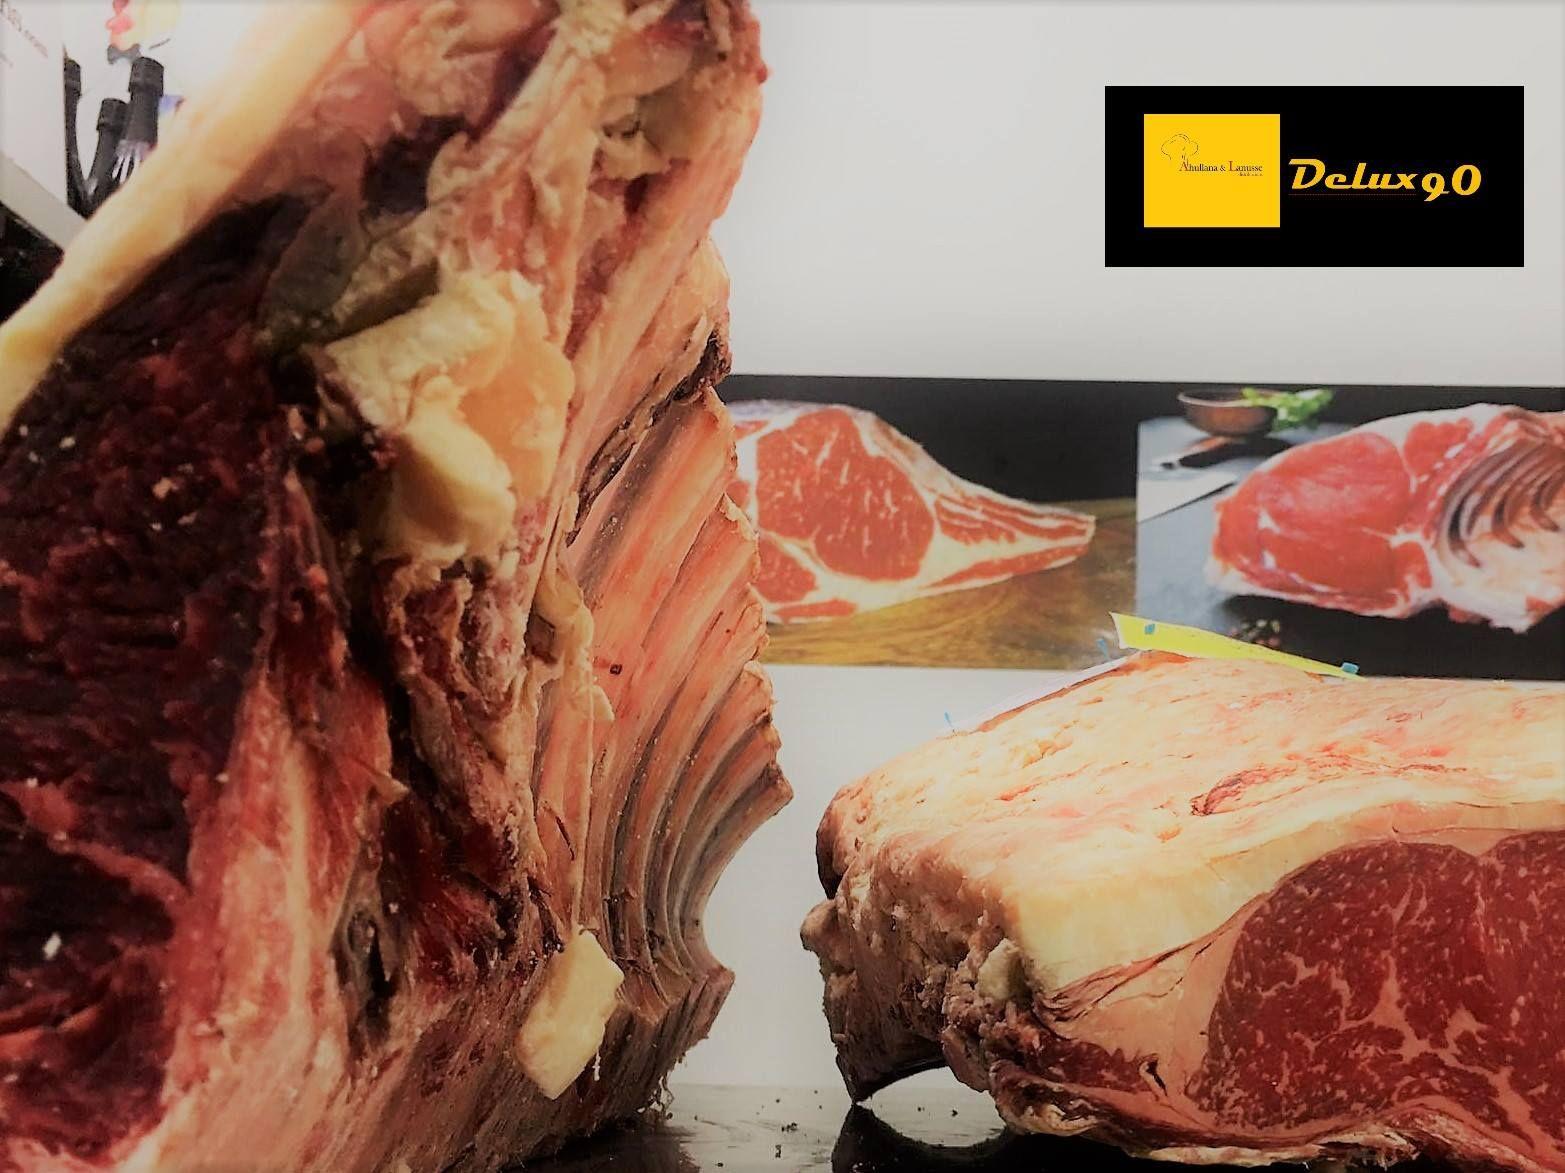 Distribuidor de carne en Valencia